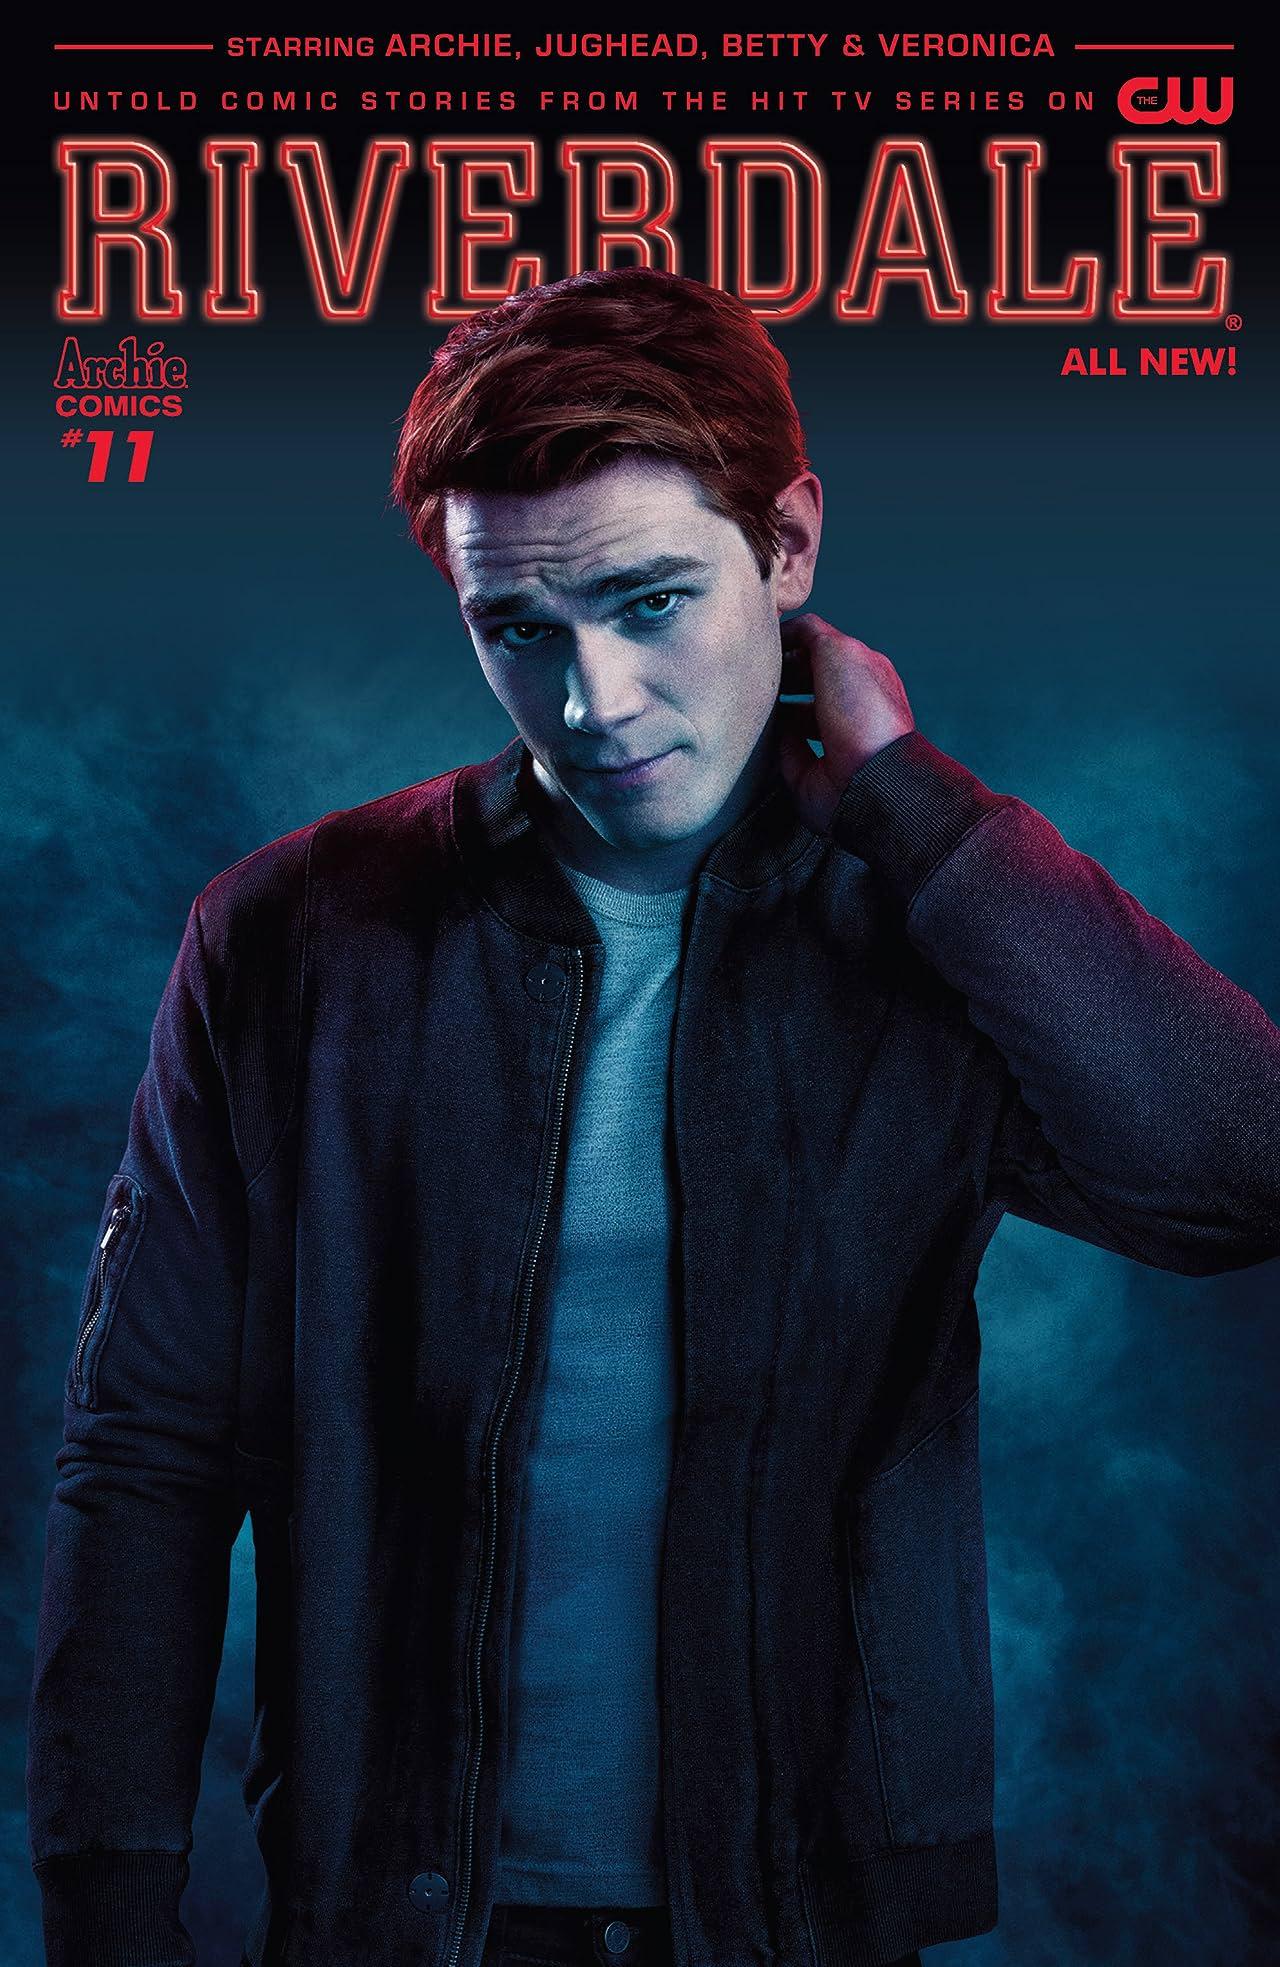 Riverdale #11